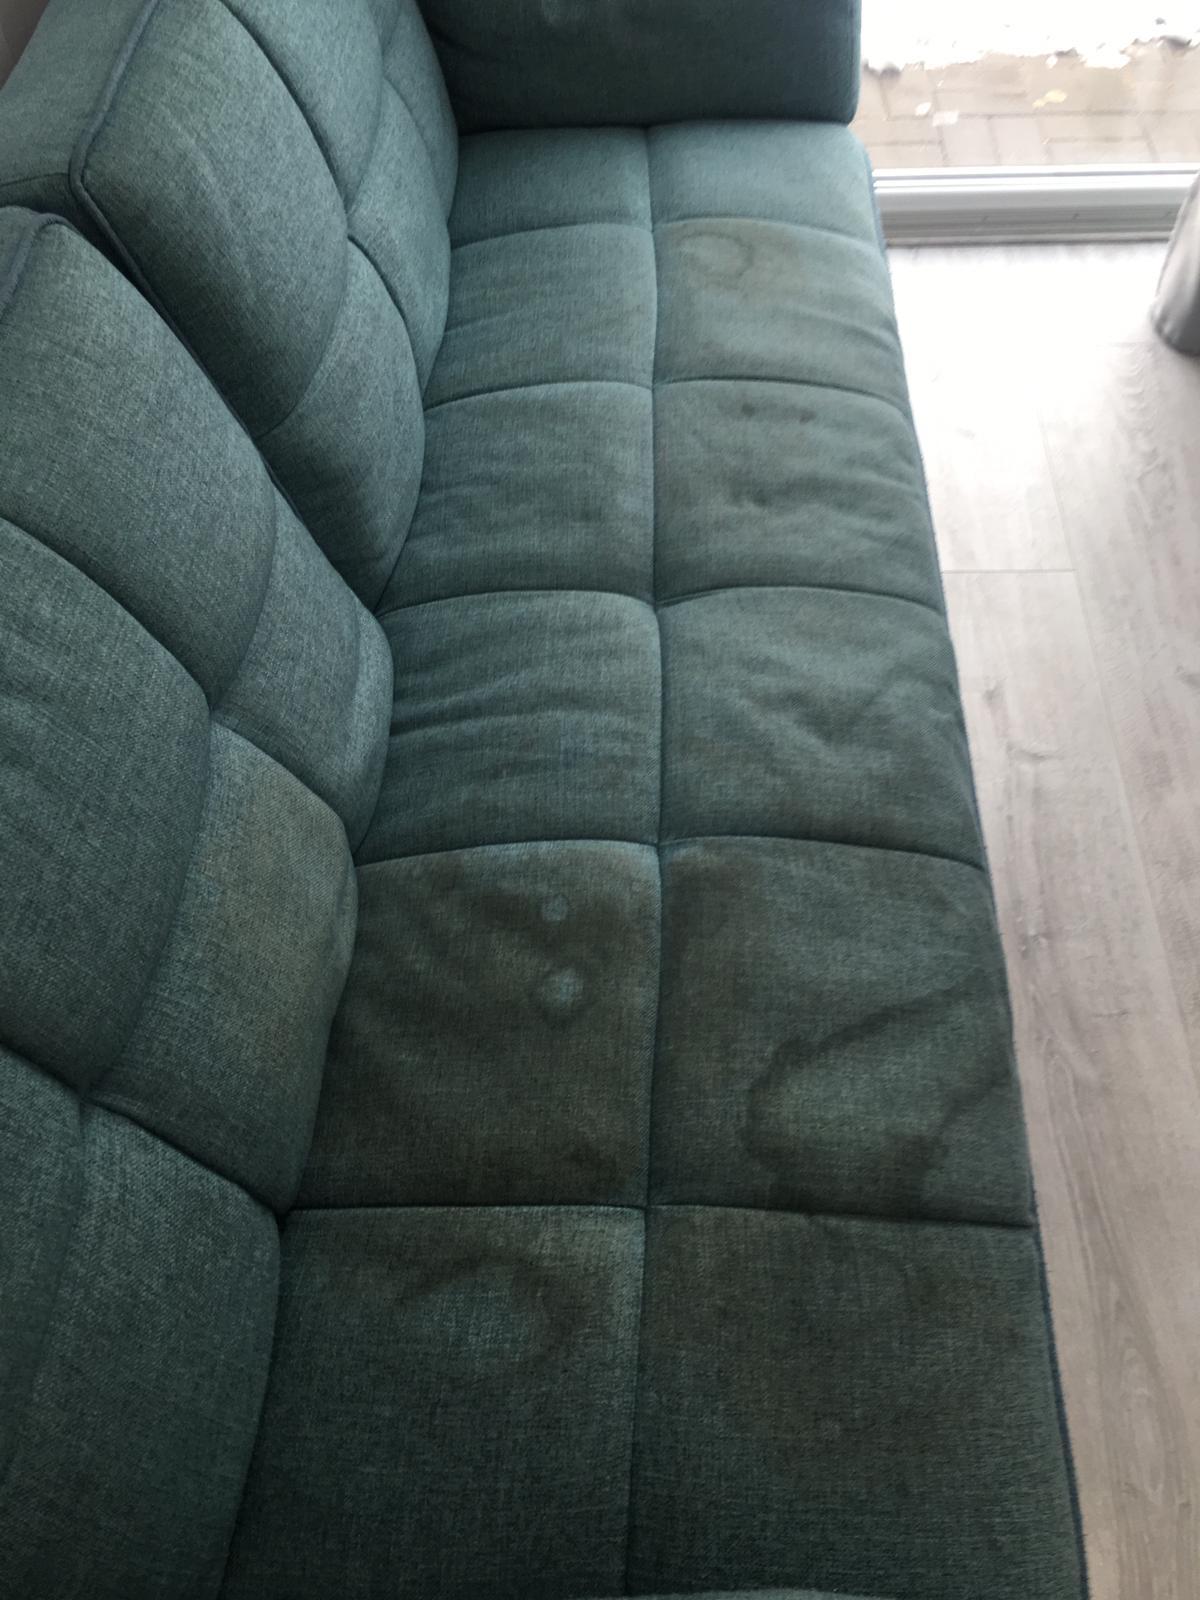 curatare canapele bucuresti